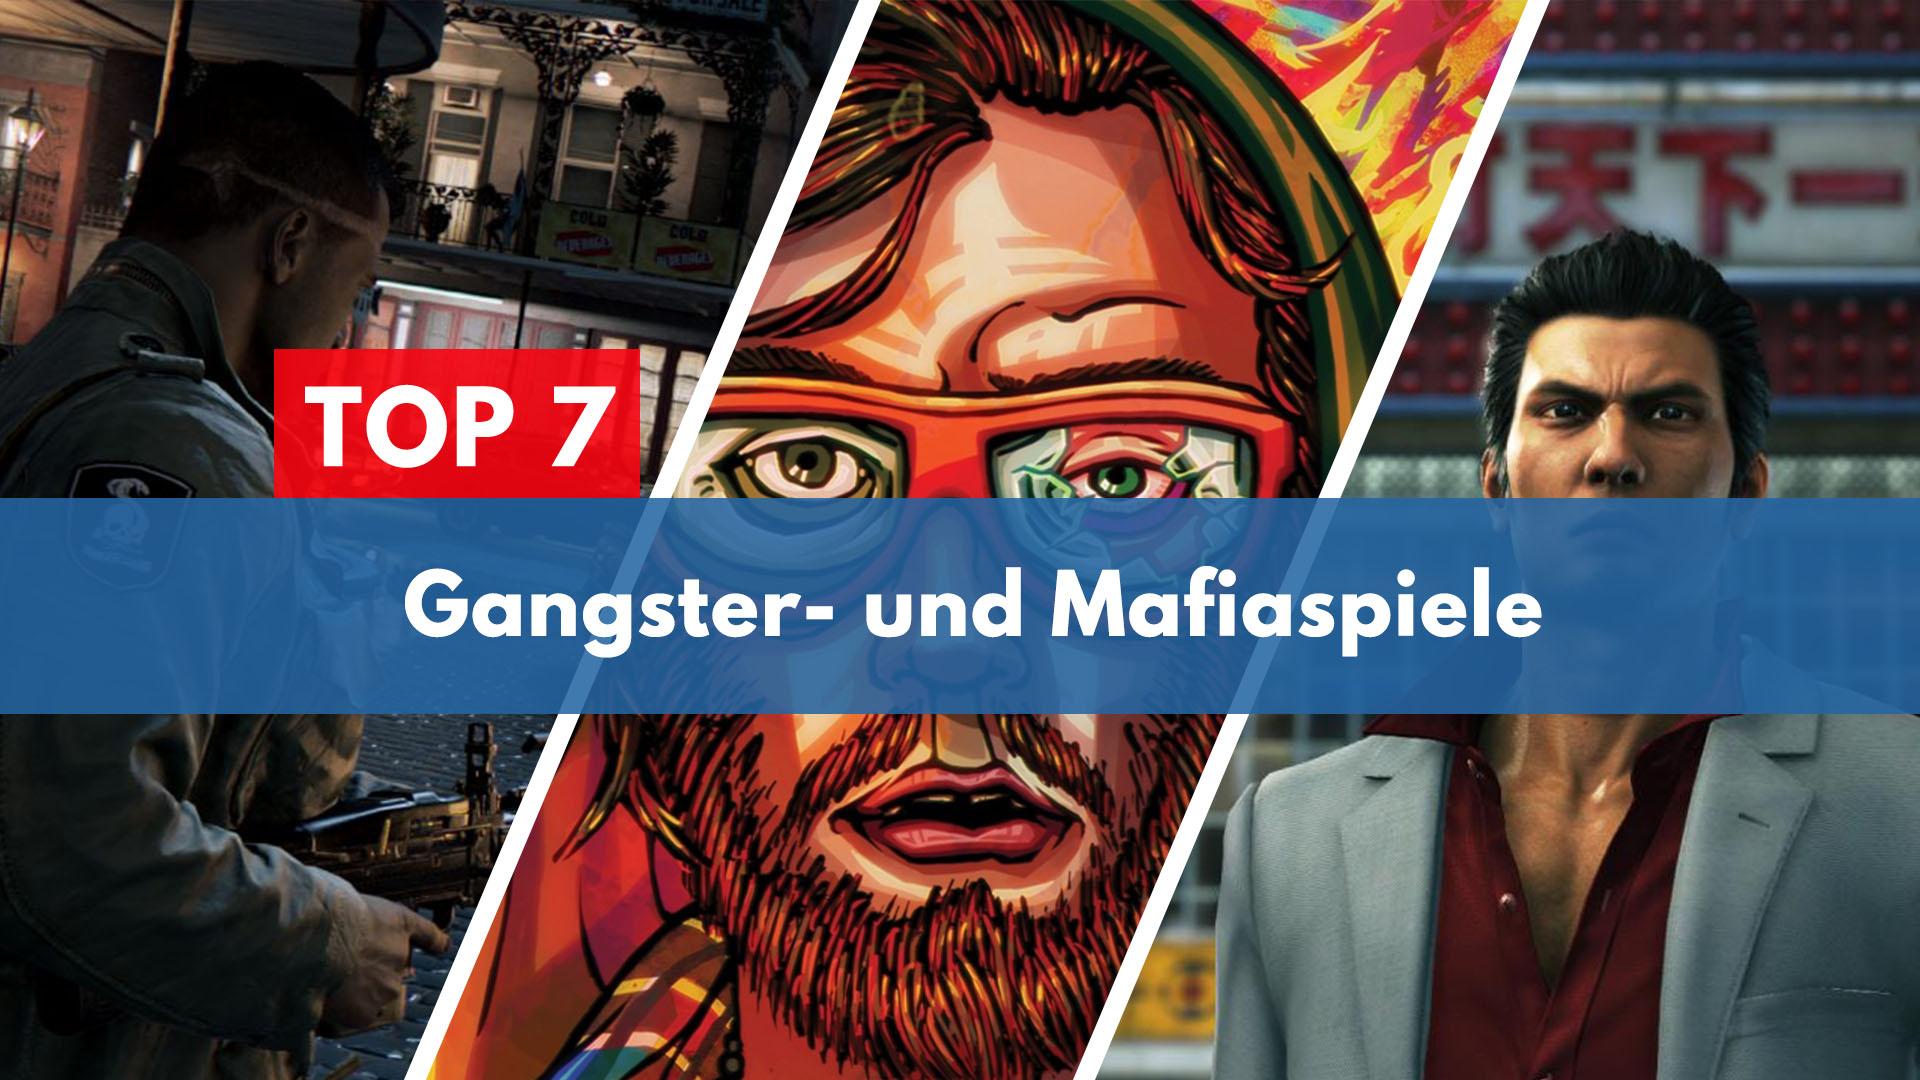 Top 7 Gangster- und Mafiaspiele